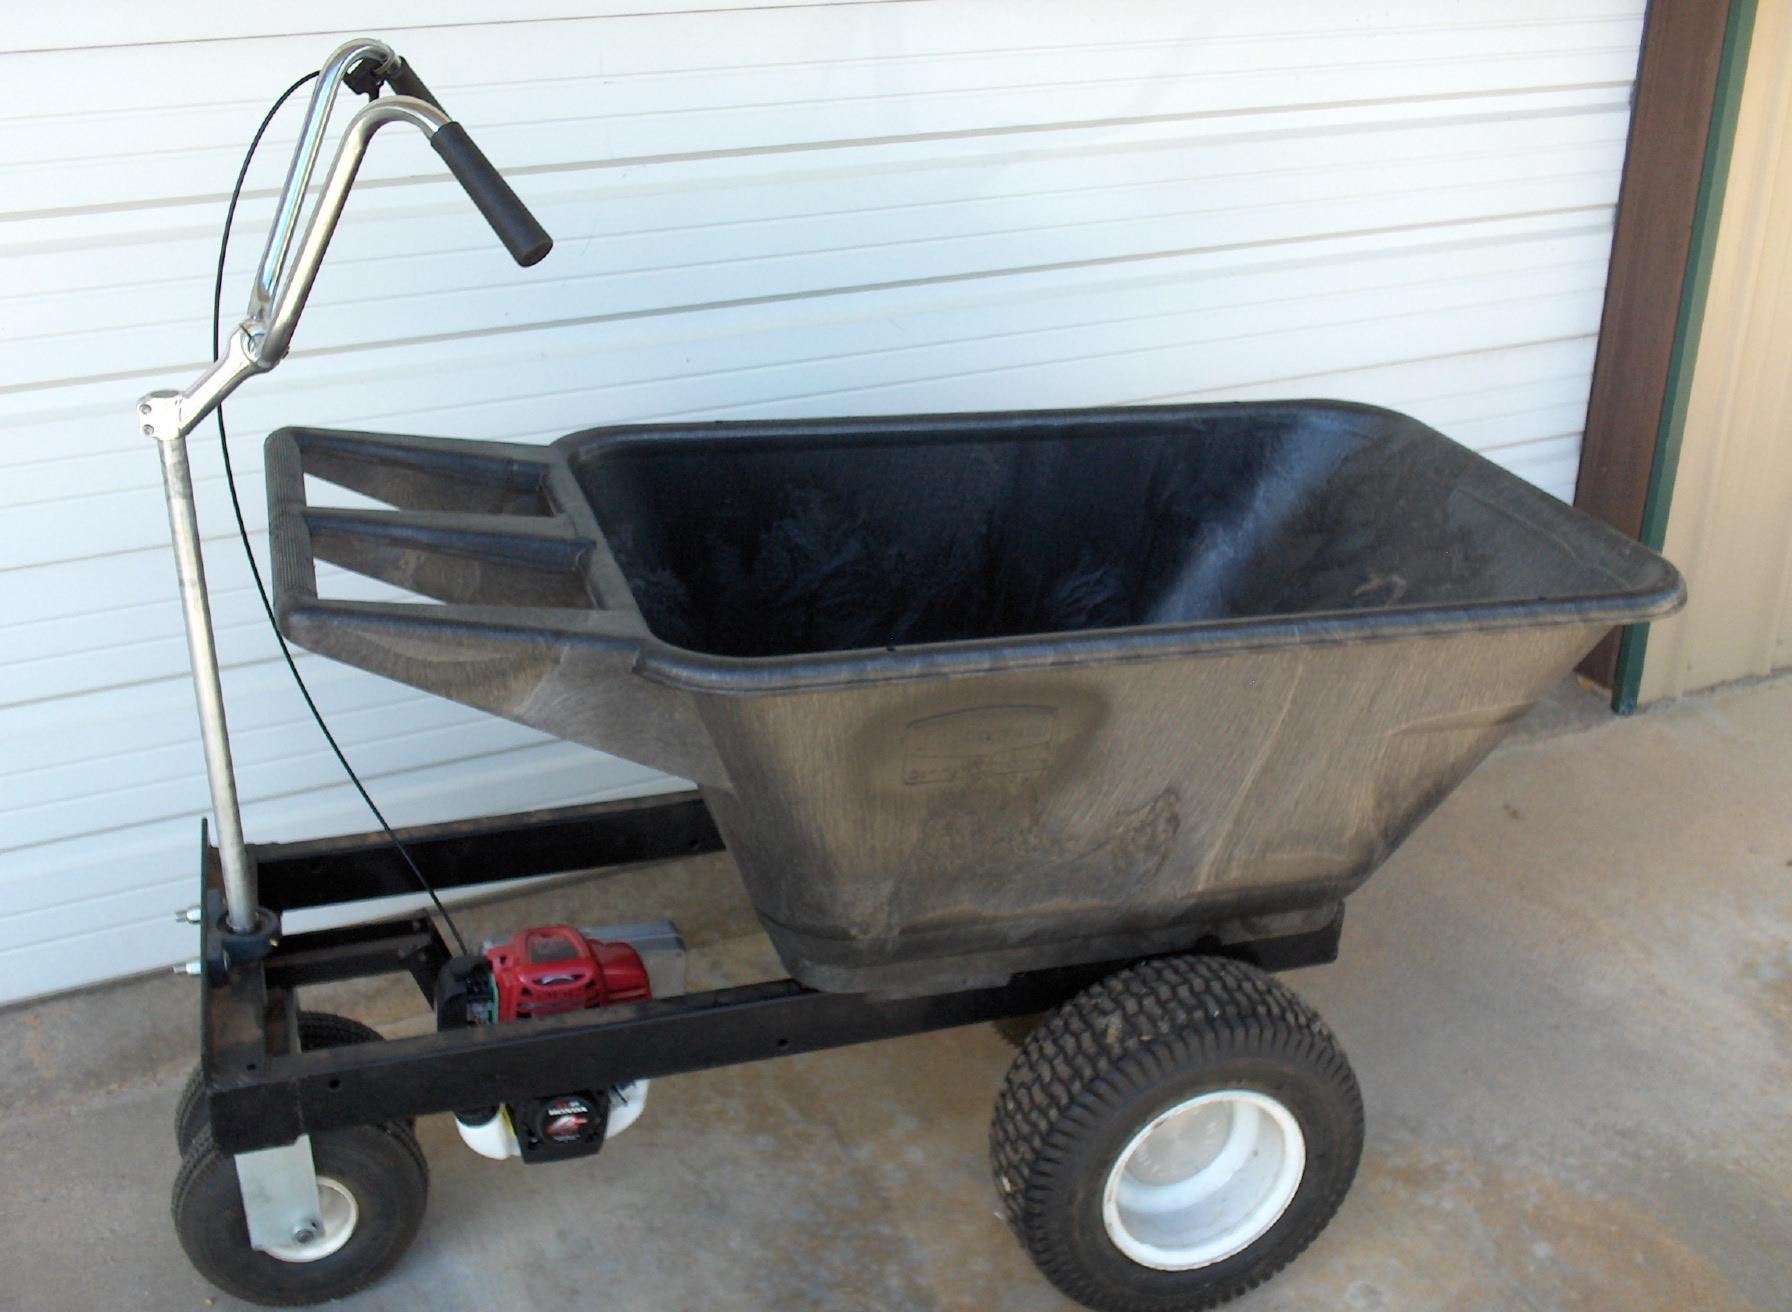 7 5 cubic foot motorized wheelbarrow honda gx35 staton inc for Motorized wheelbarrows for sale